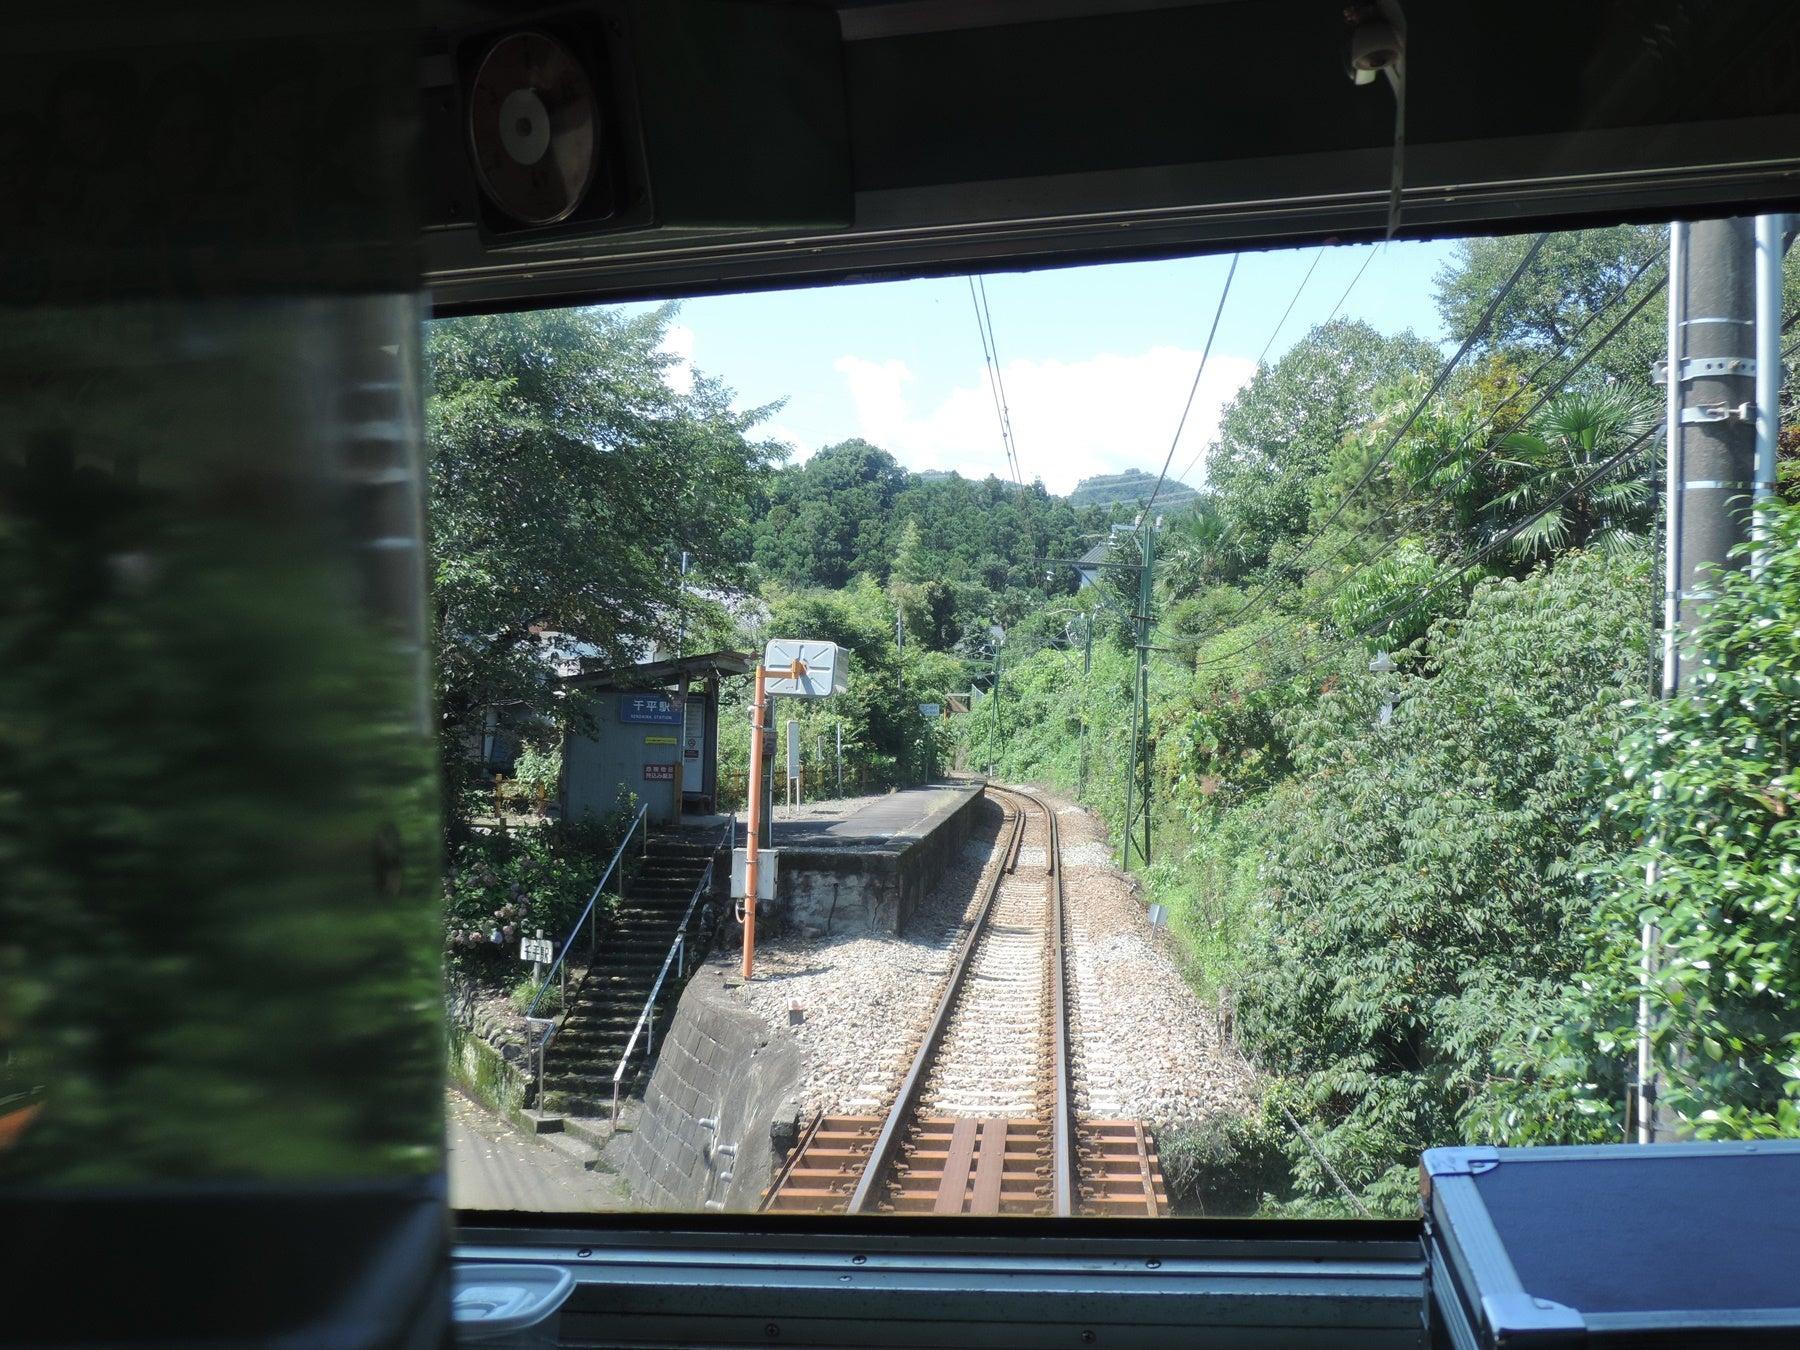 国立公園鉄道の探索 ~記憶に残る景勝区間~上信電鉄上信線の車窓から